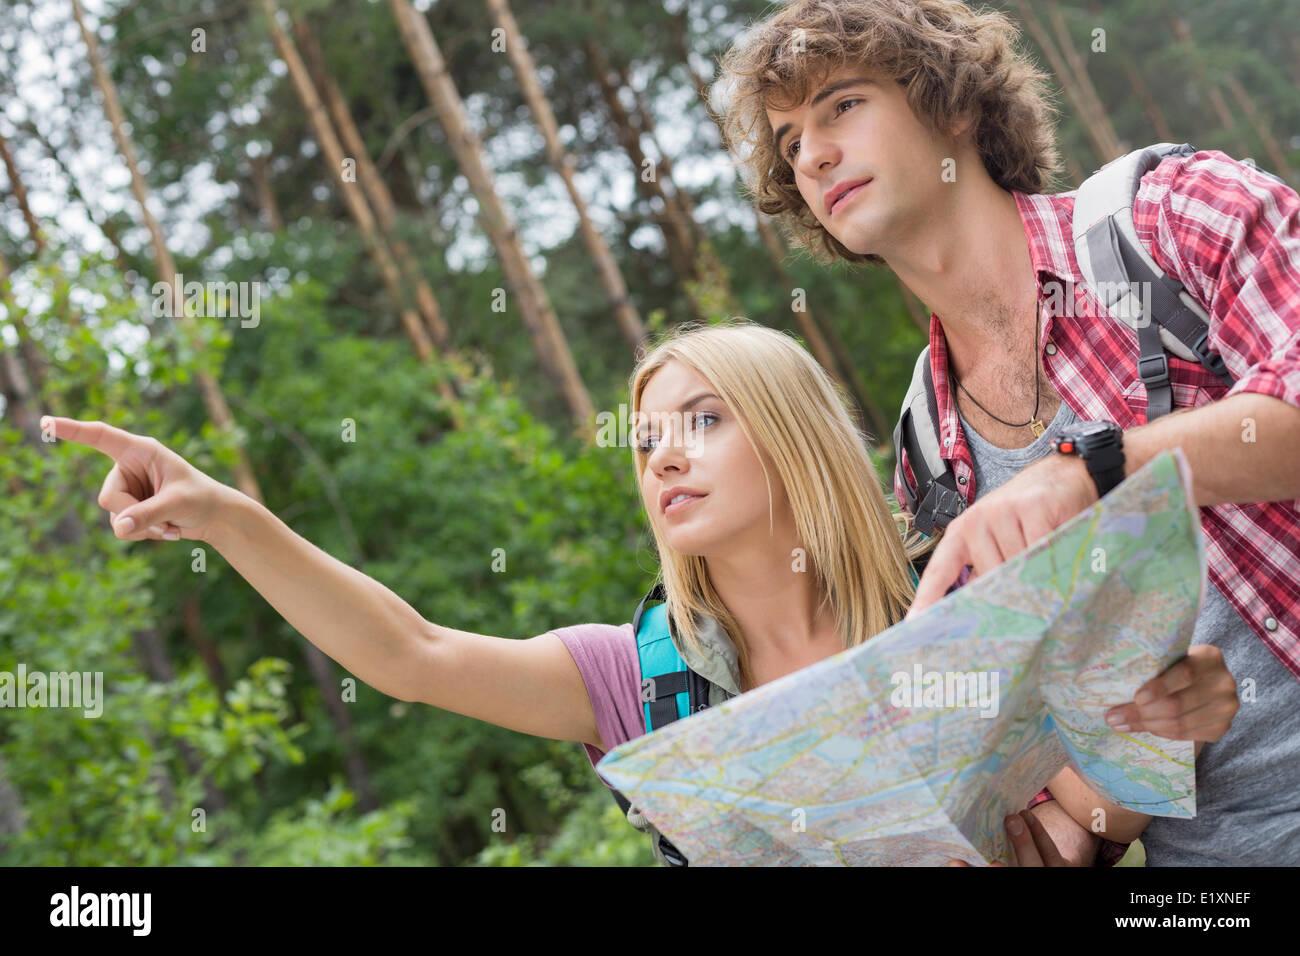 Escursionismo coppia con mappa discutendo sulla direzione nella foresta Immagini Stock